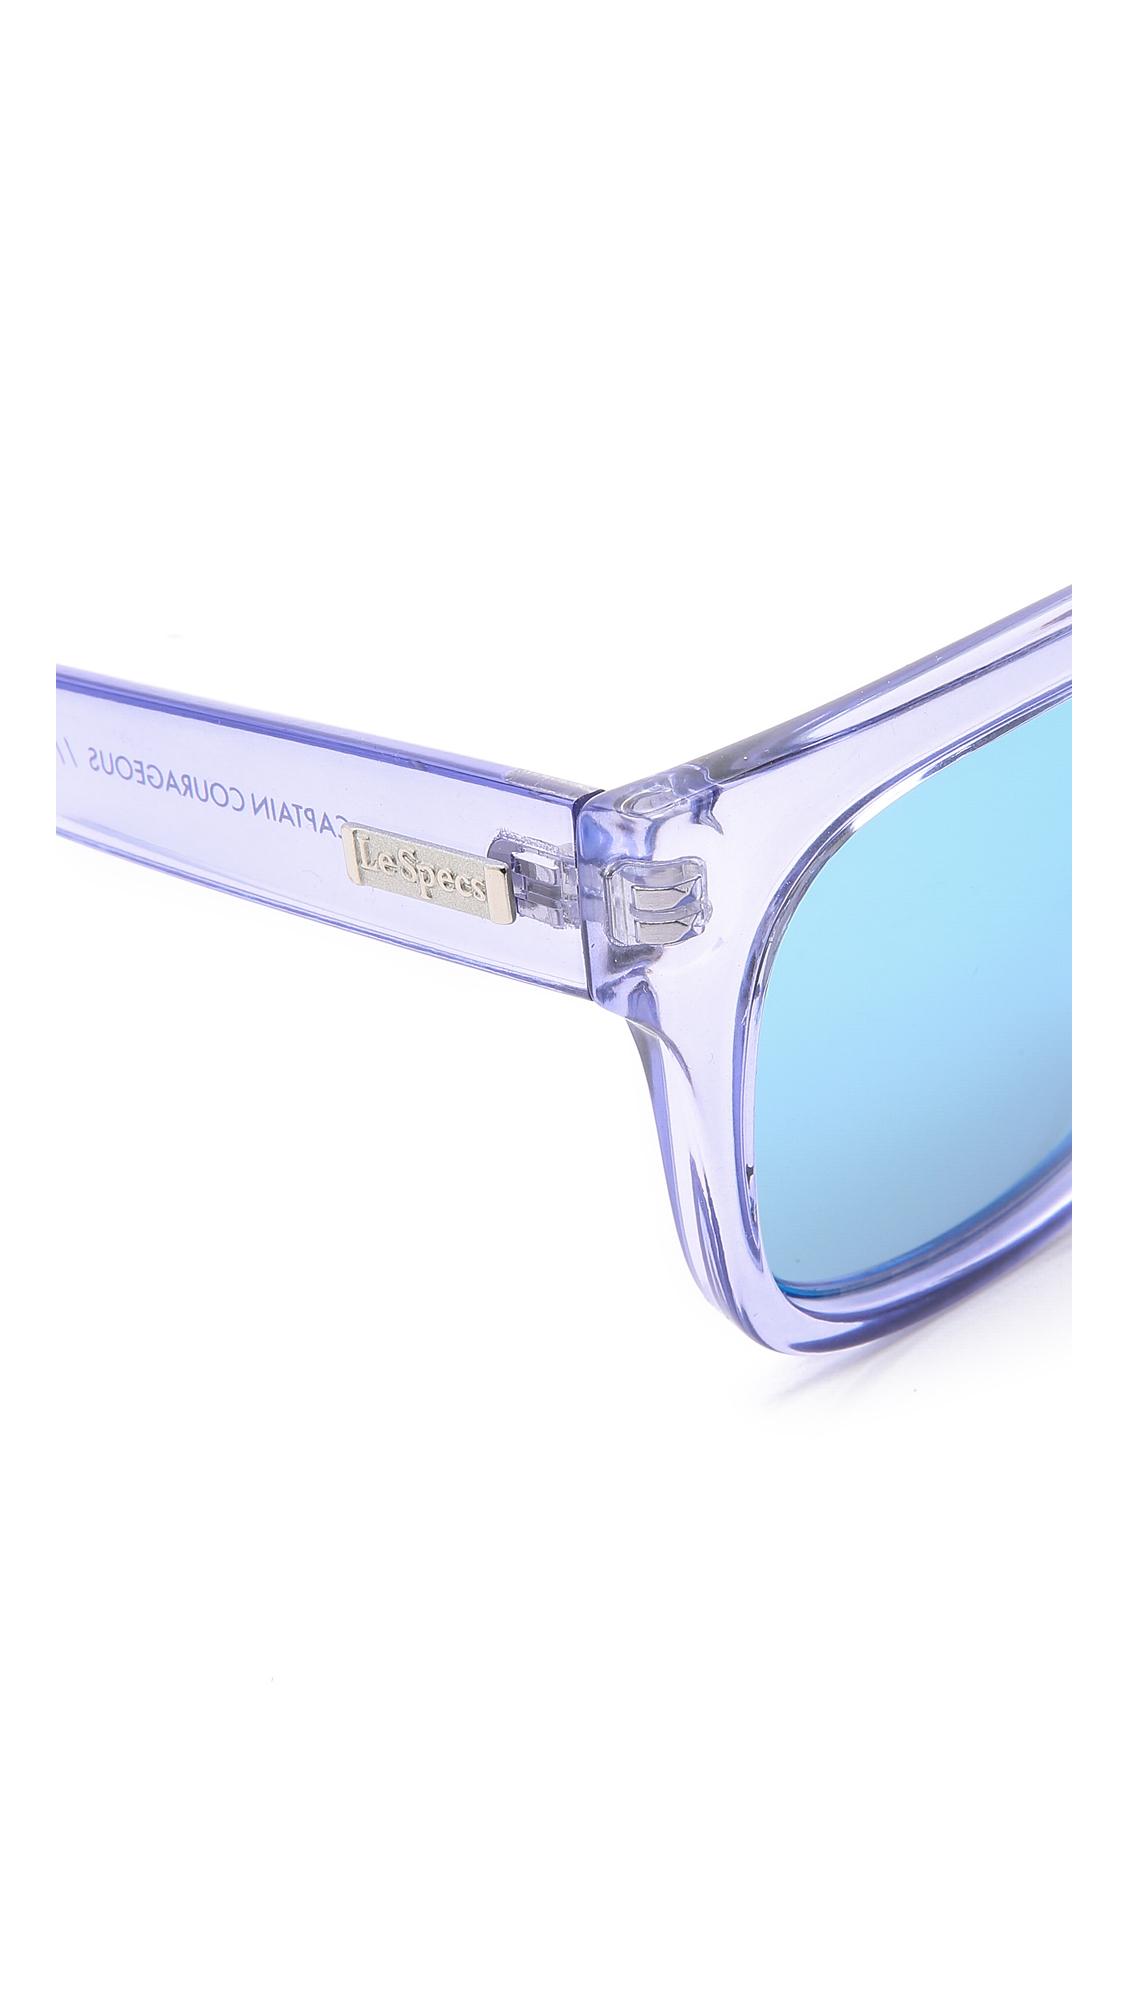 9dd7ac7d716c88 Lyst - Le Specs Captain Courageous Sunglasses - Glacier ice Blue ...